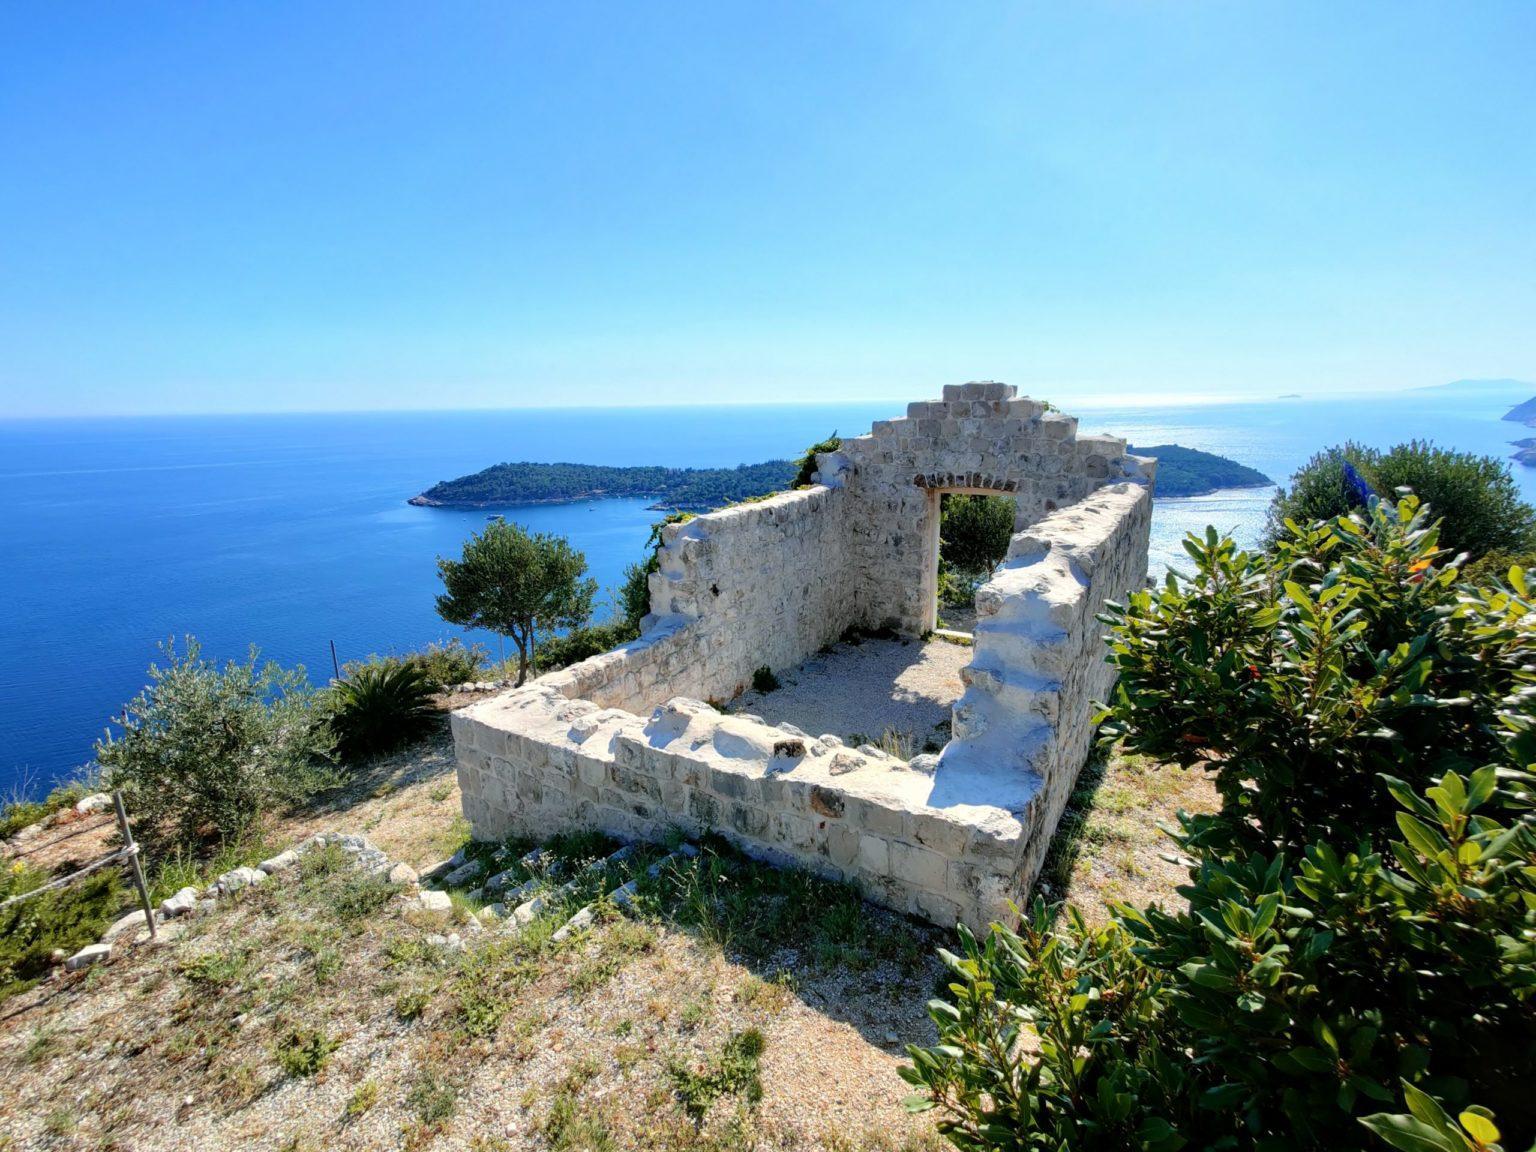 hochzeitslocation Kroatien location hochzeit heiraten 2 8 scaled - Historische Theaterruinen